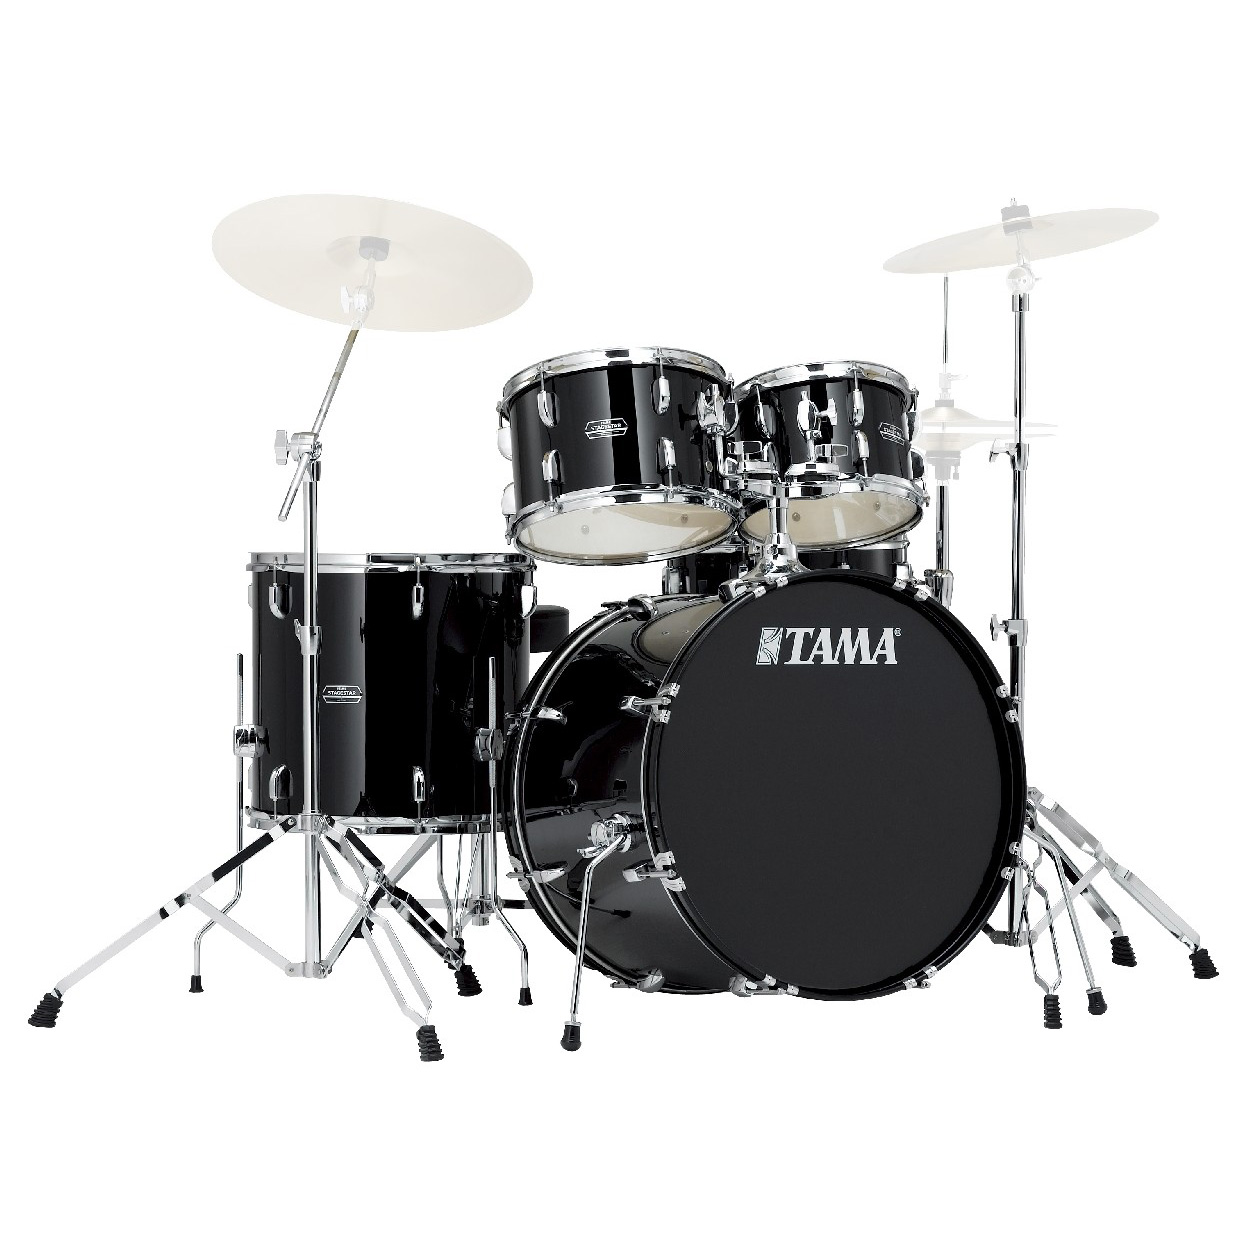 Картинки барабаны, картинка троих